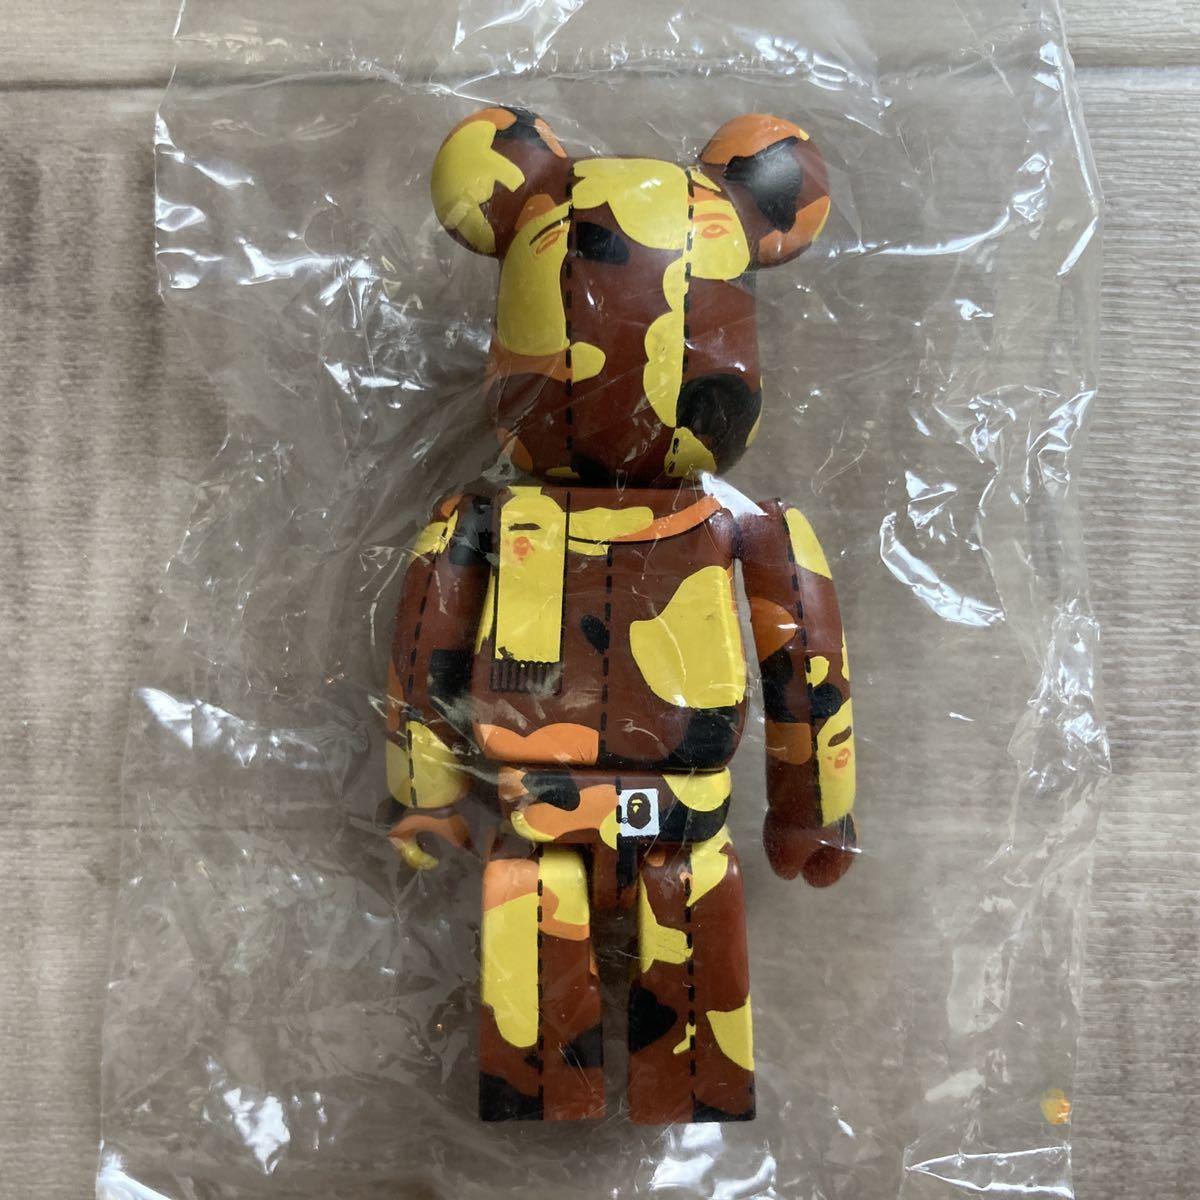 ★未開封★ シークレット BAPE PLAY シリーズ2 ベアブリック 100% BE@RBRICK a bathing ape BAPE camo メディコムトイ medicom toy